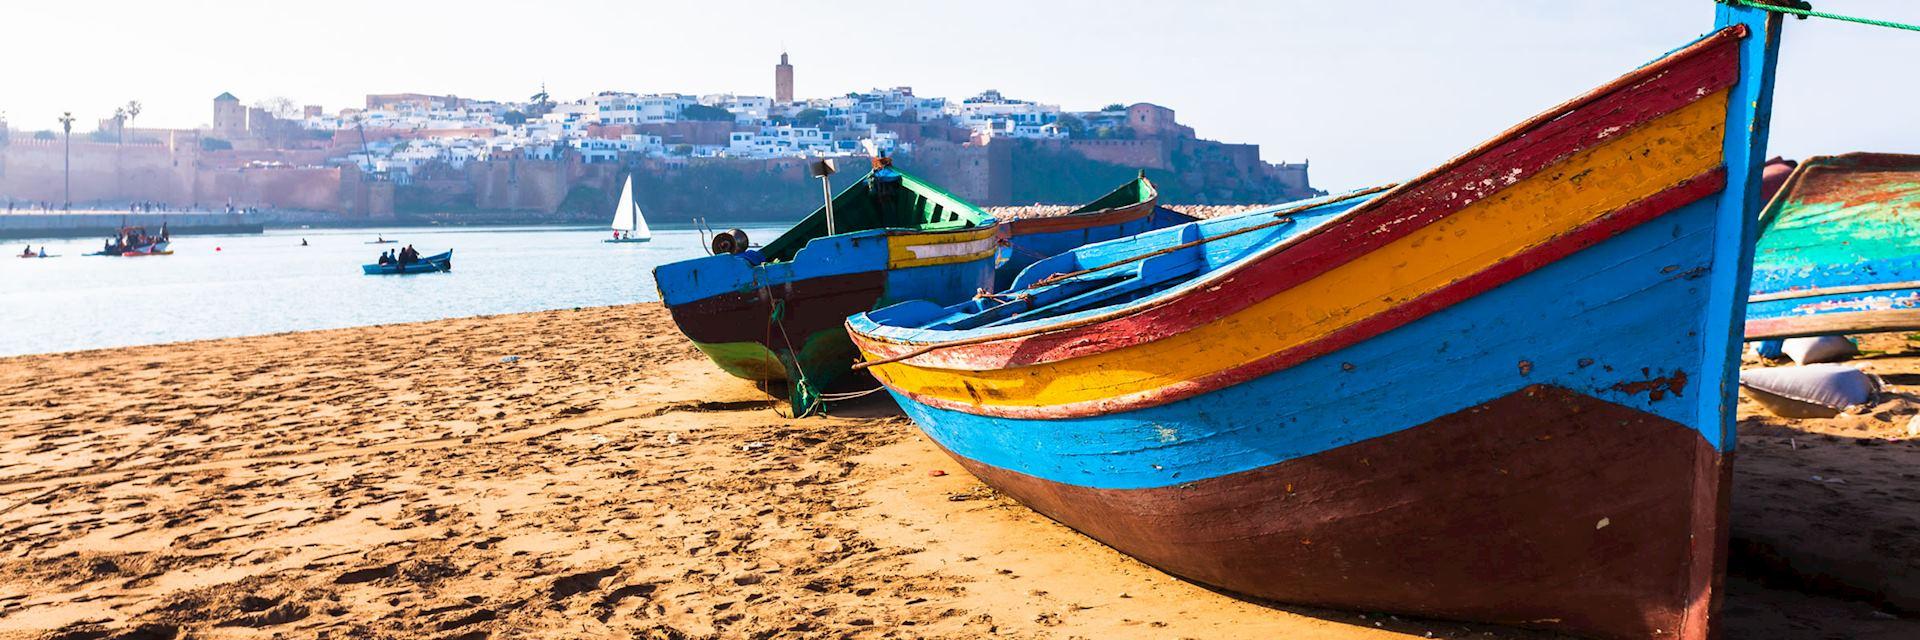 Rabat coastline